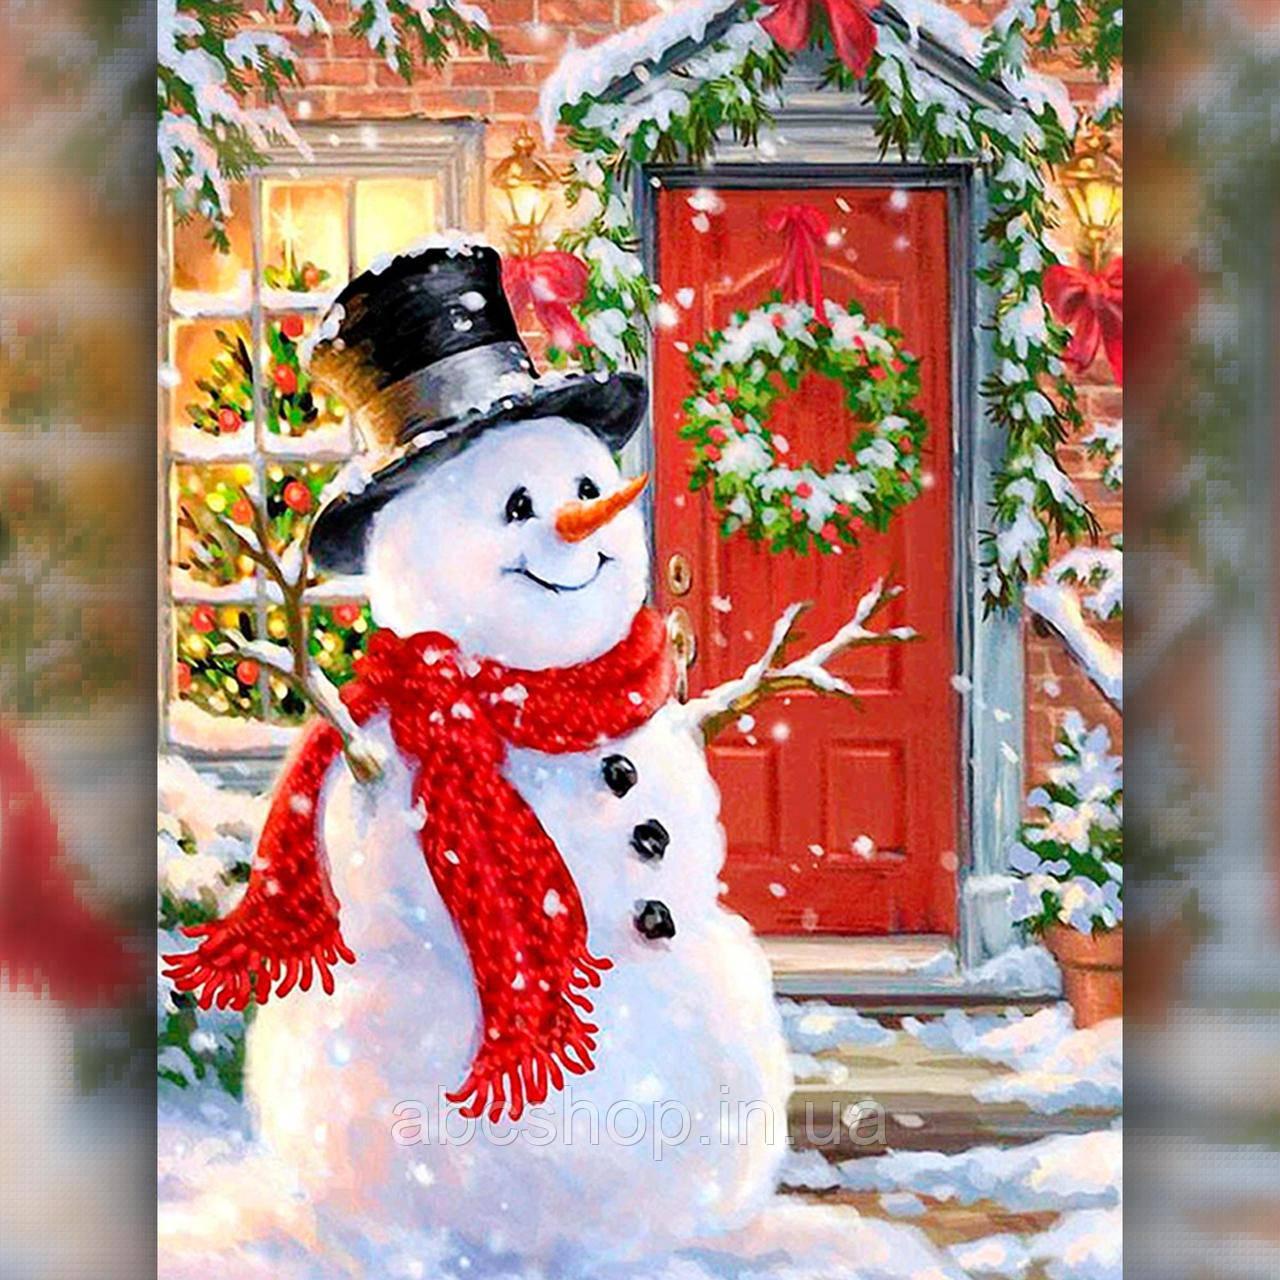 Алмазная вышивка Снеговик у дома 30x40 The Wortex Diamonds (TWD70014)